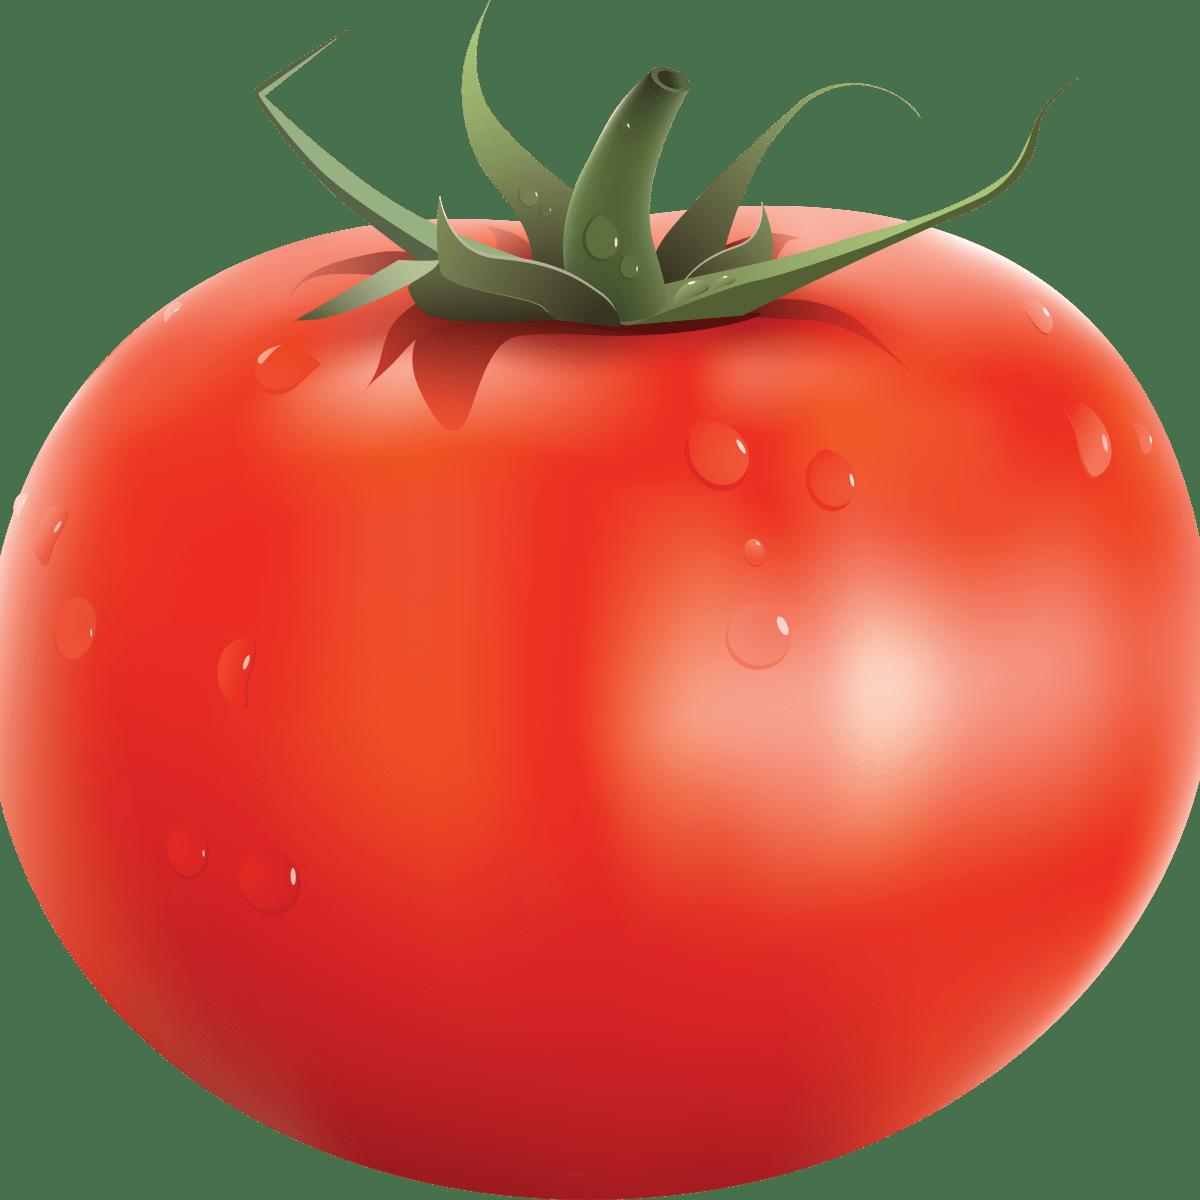 Овощи картинки для детей на прозрачном фоне